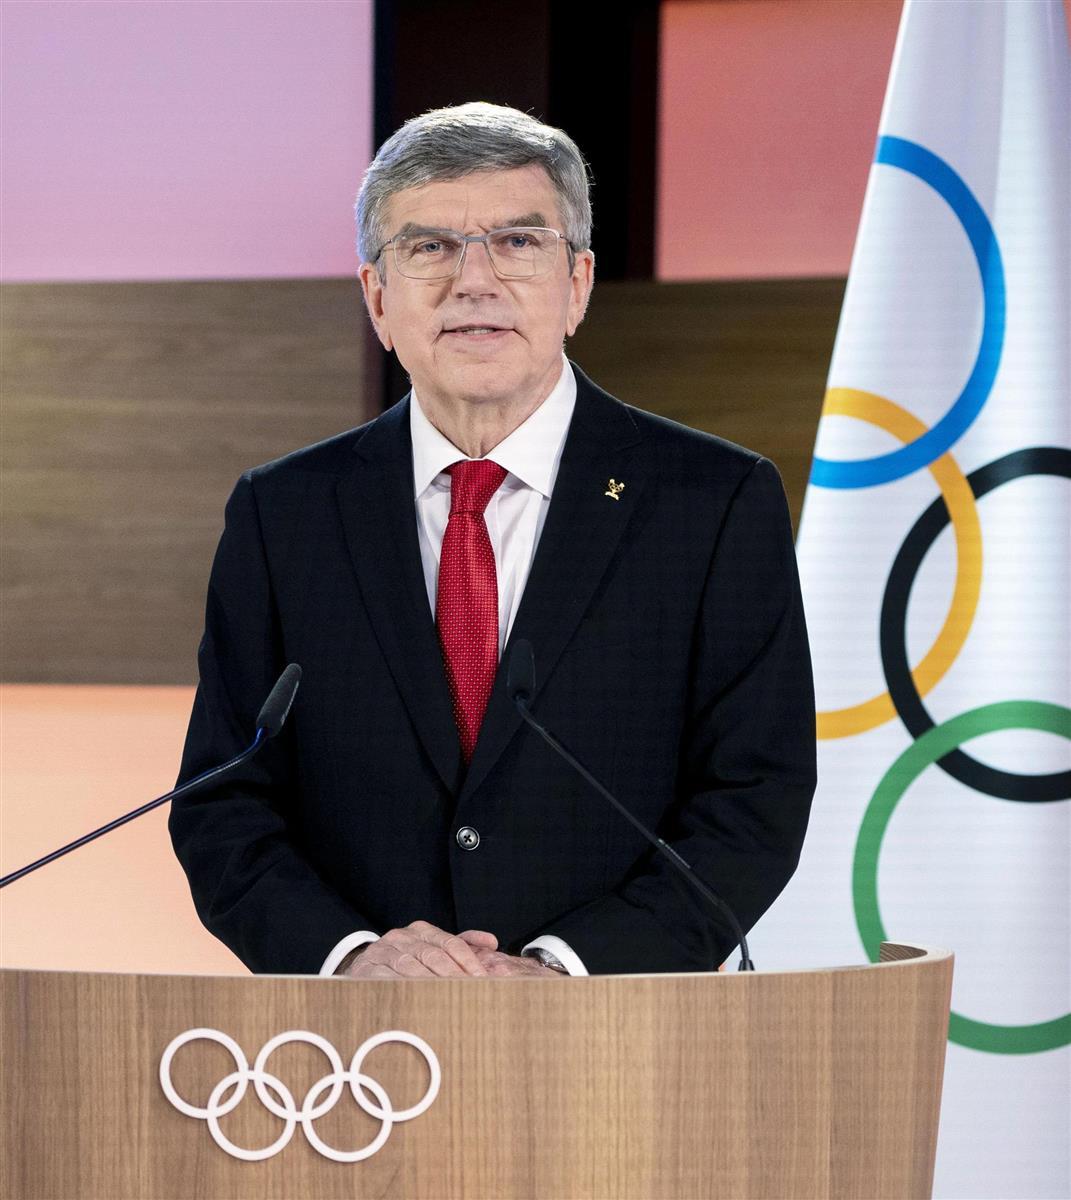 東京五輪参加者に「中国がワクチン提供」 IOC会長表明